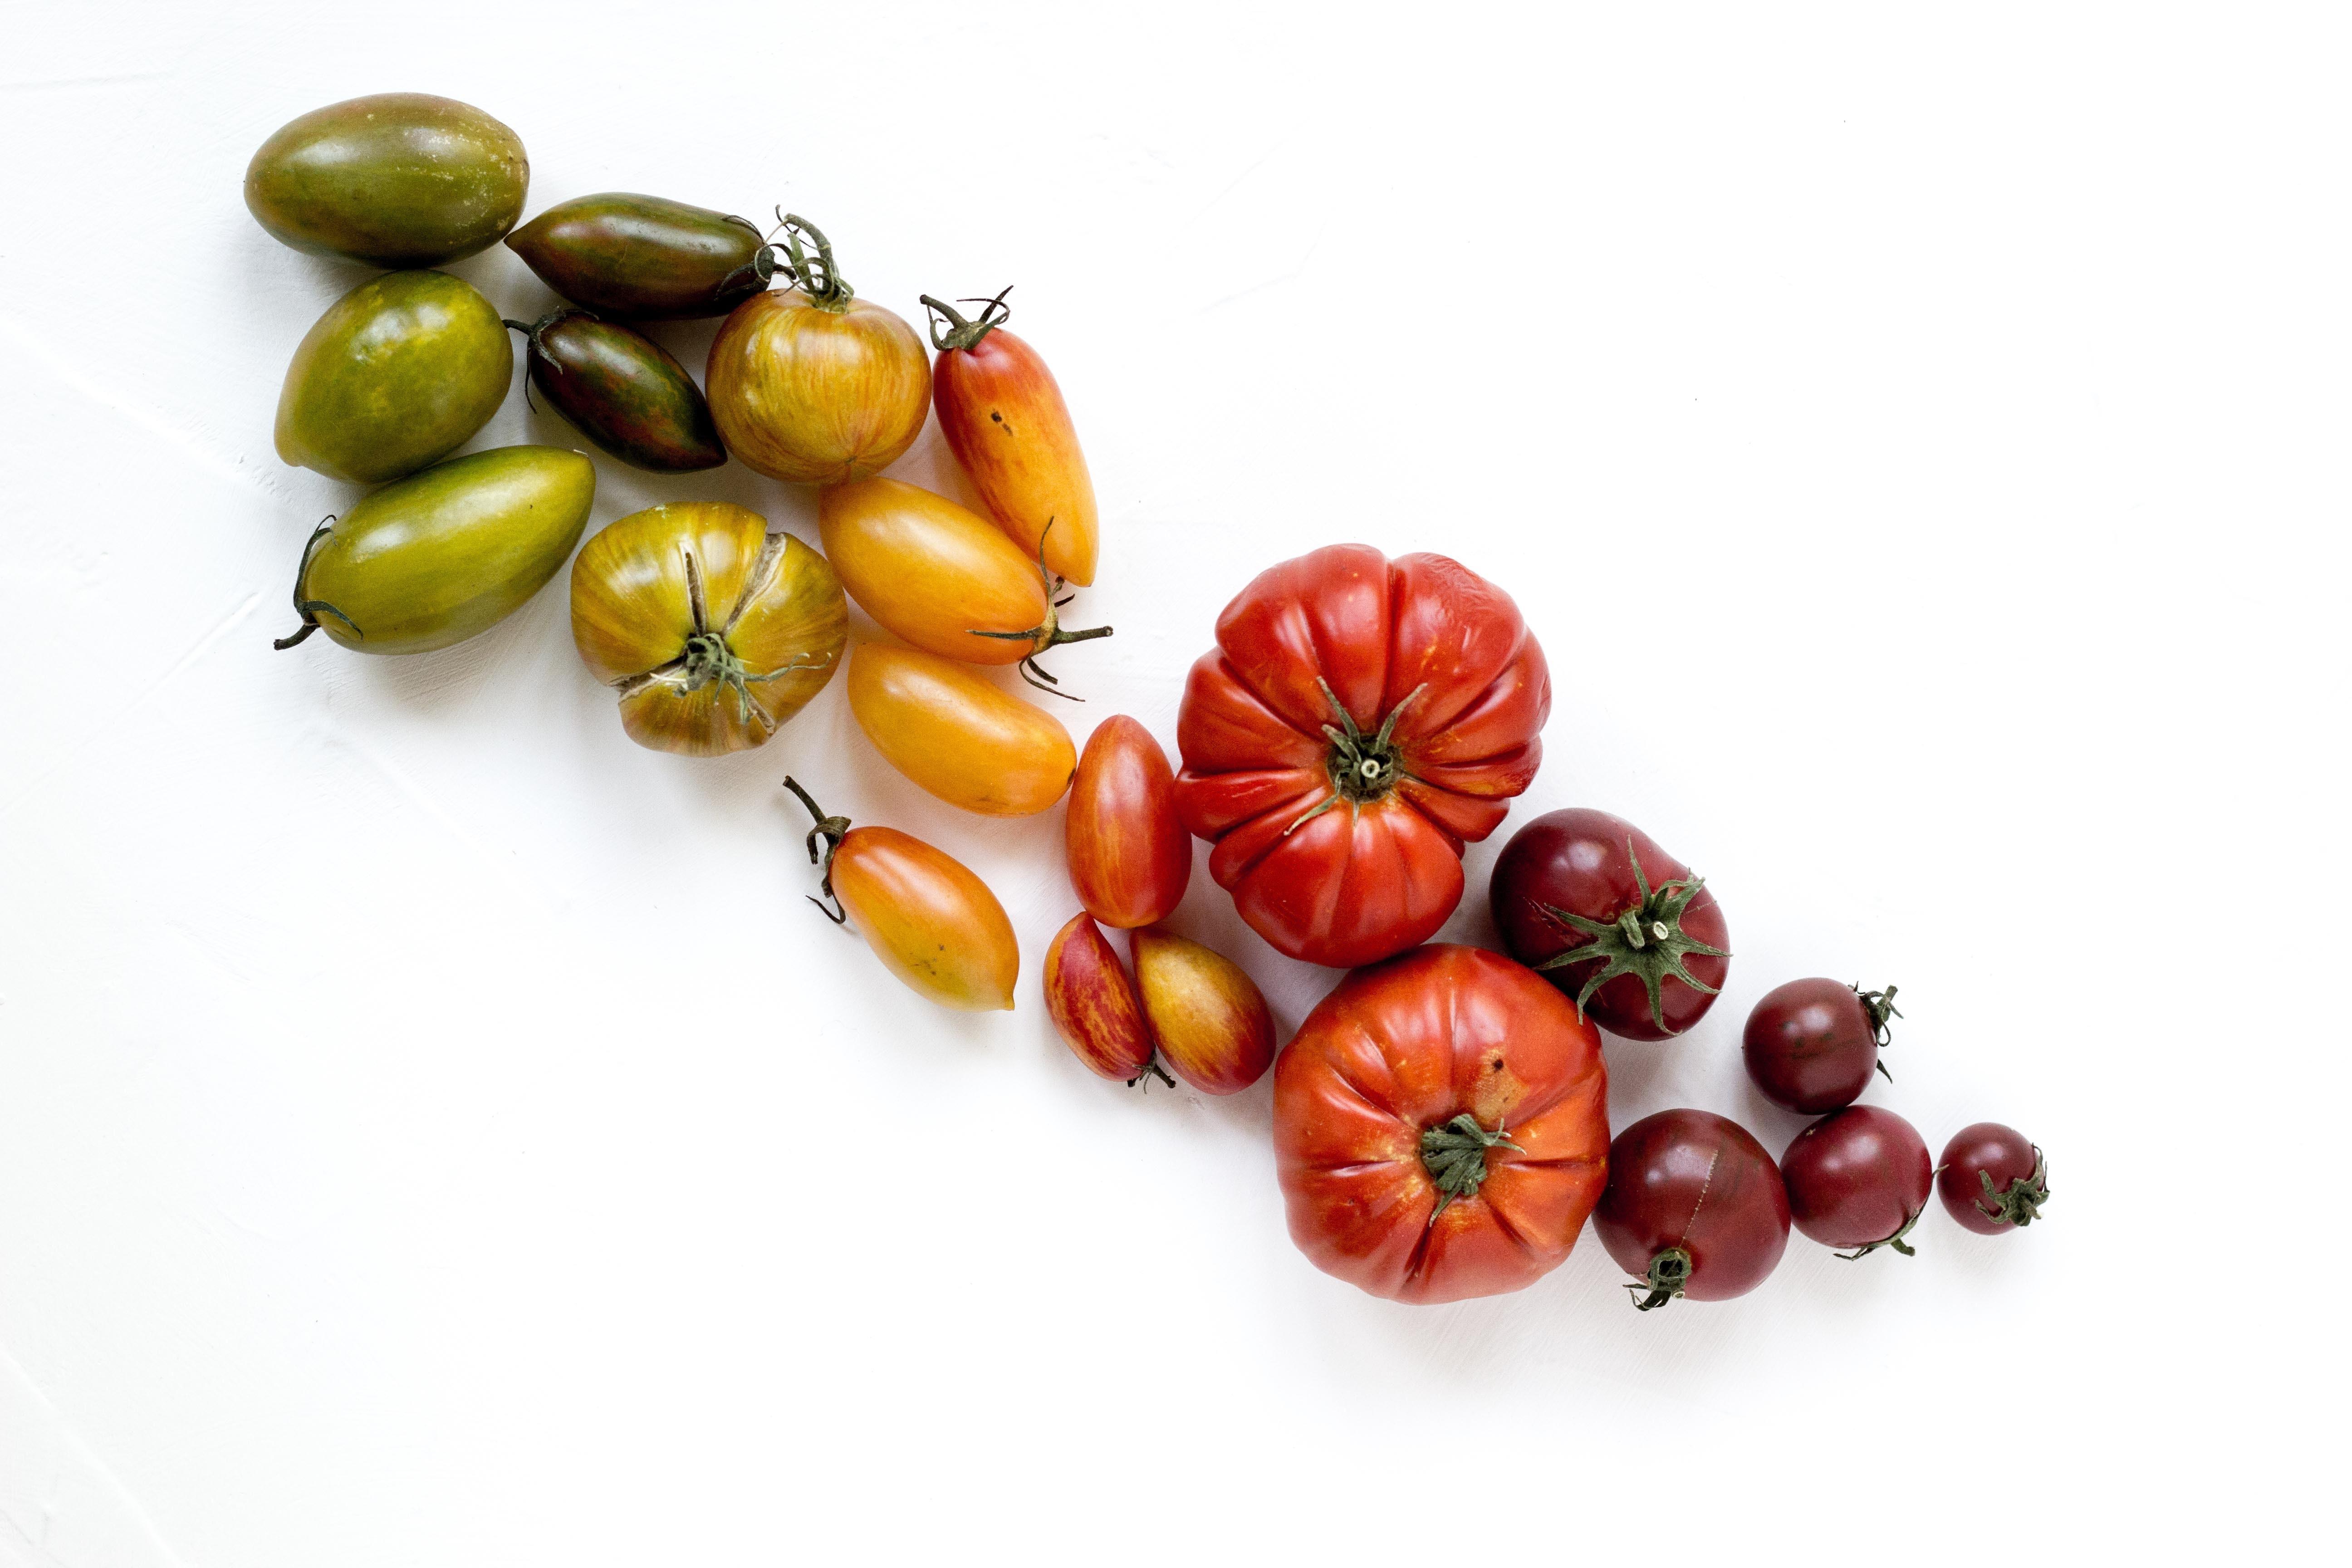 Koopr-tomates-rezel-apacionado-unsplash